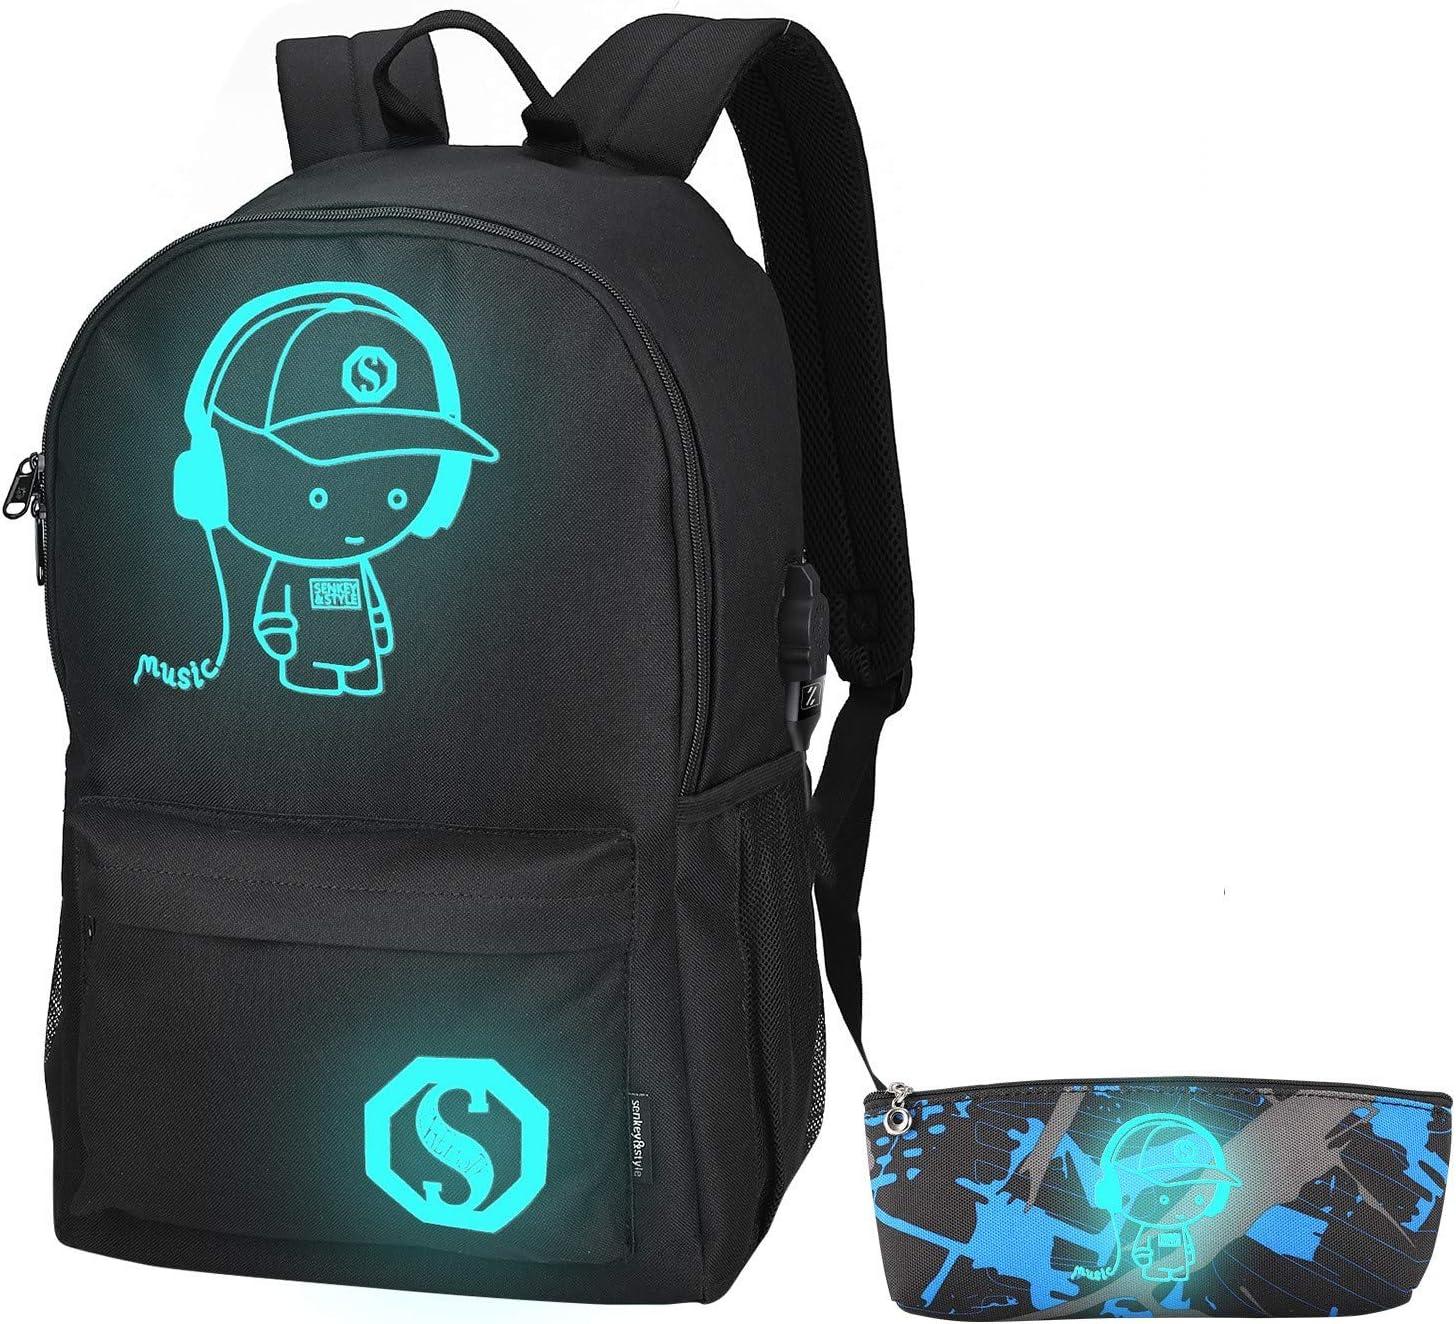 Backpack with USB Charging Port Lightweight Laptop Bag, Black